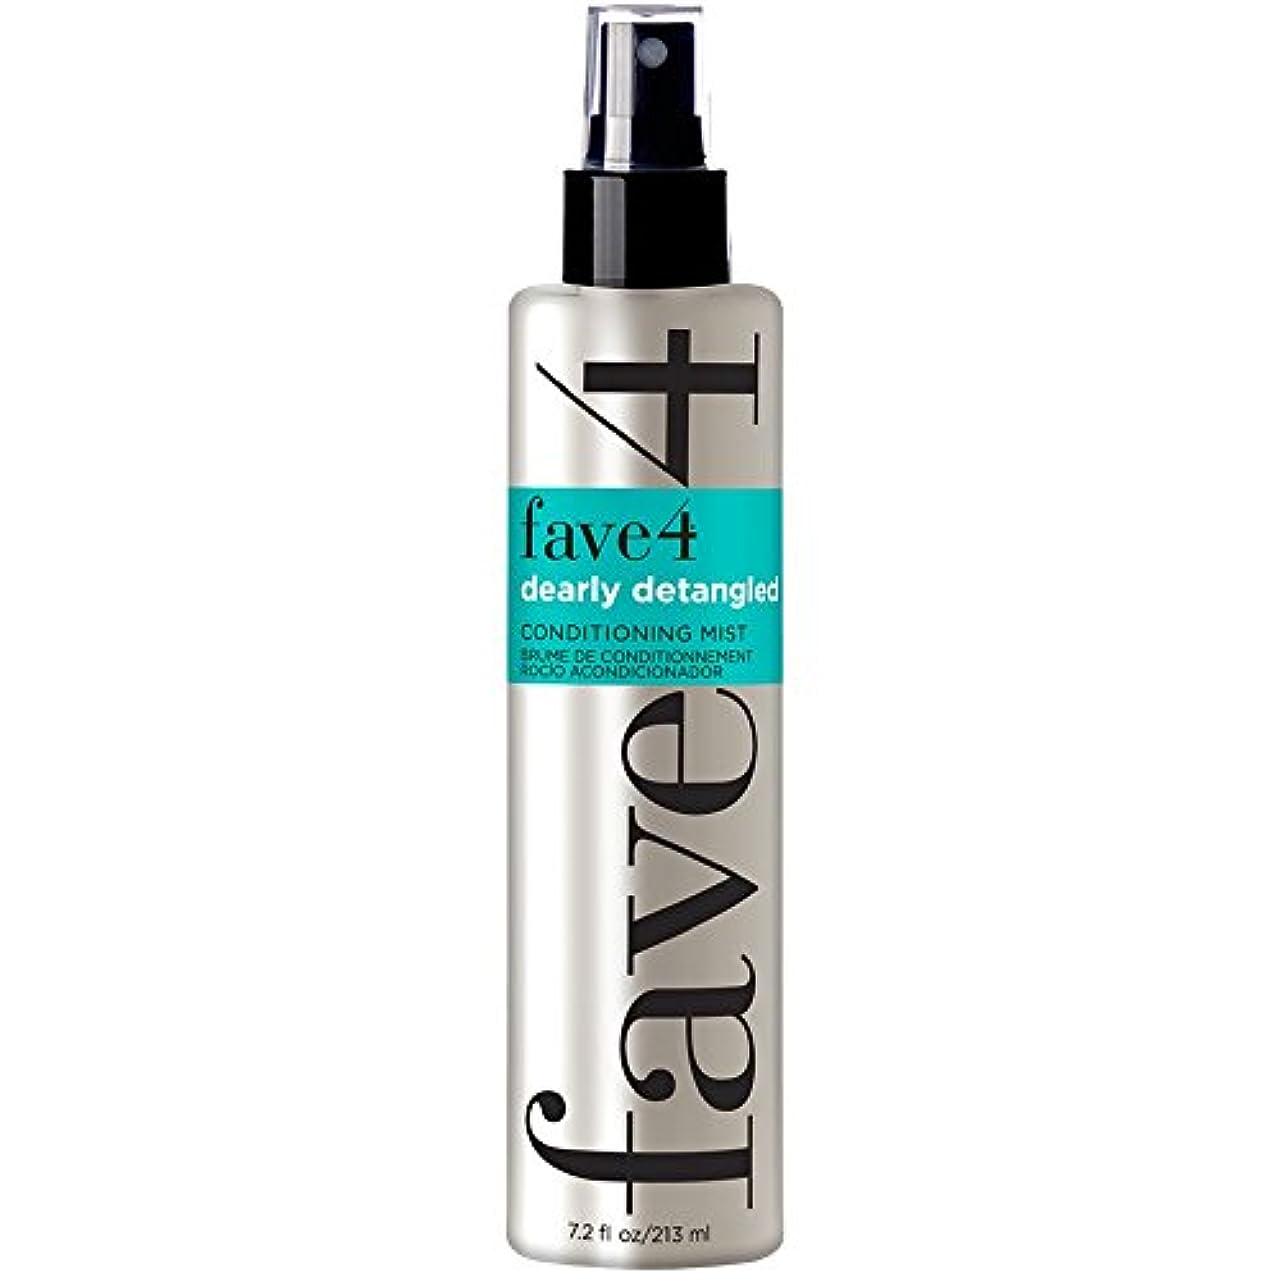 fave4 コンディショナーコンディショニングスプレーで心からDetangledリーブ - 硫酸無料|パラベンフリー|グルテンフリー|シリコーンフリー|虐待無料|色処理した毛髪、7.2オンスのための安全な